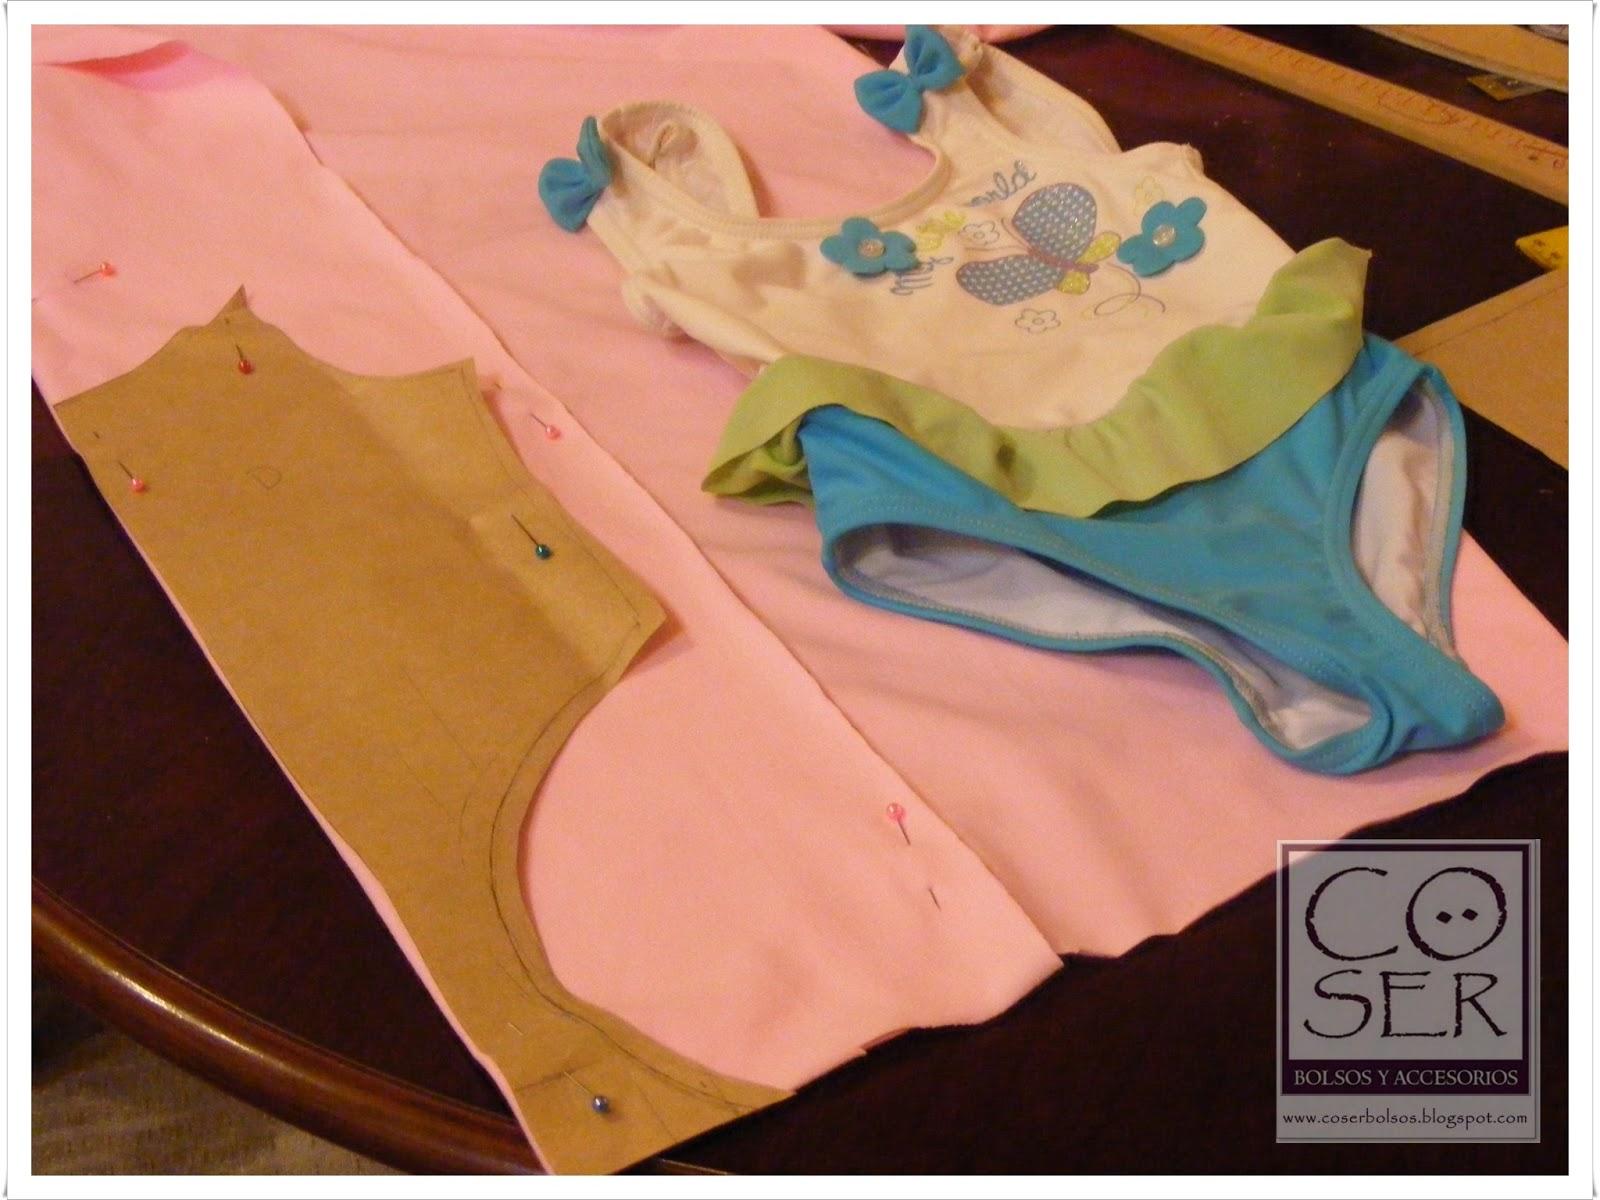 Imagenes De Trajes De Baño Para Nina:Cö Ser: como hacer un traje de baño para niña / malla para ballet